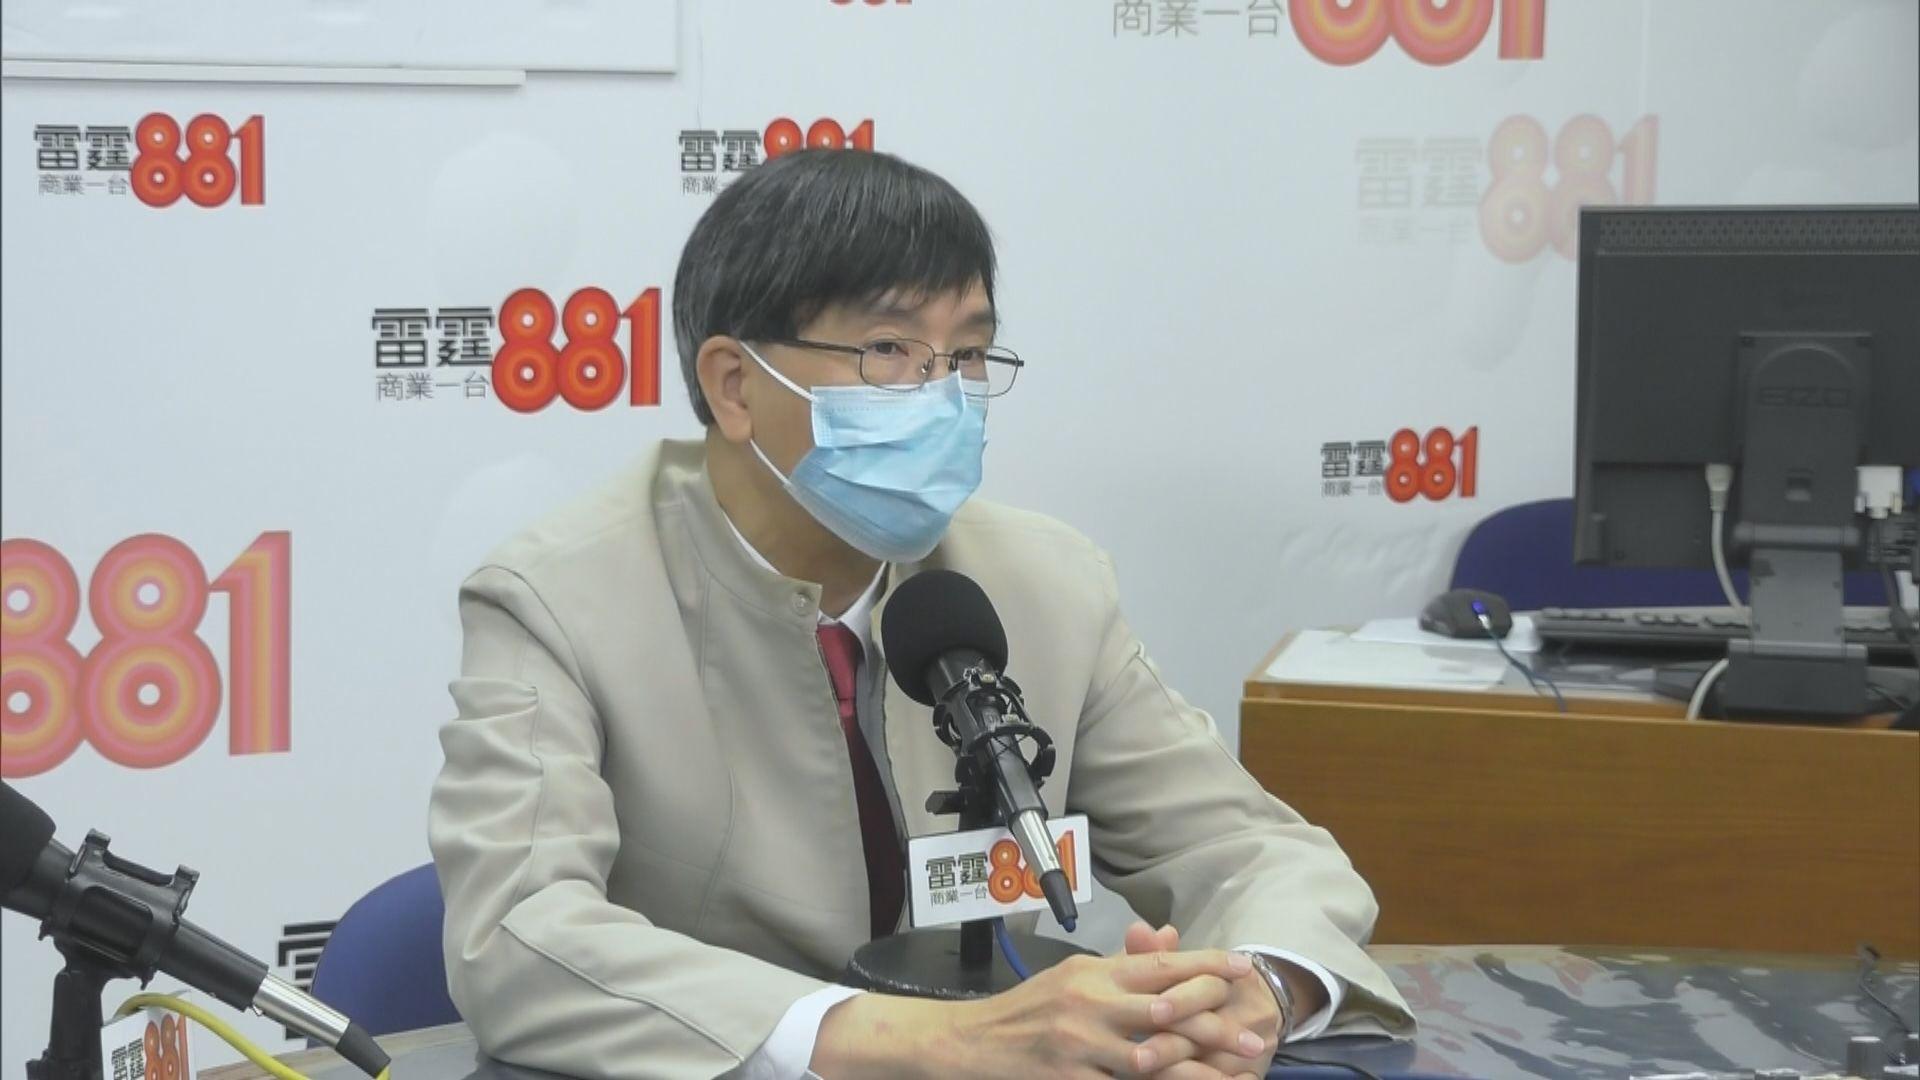 袁國勇:港不能自滿 應增加檢測數量